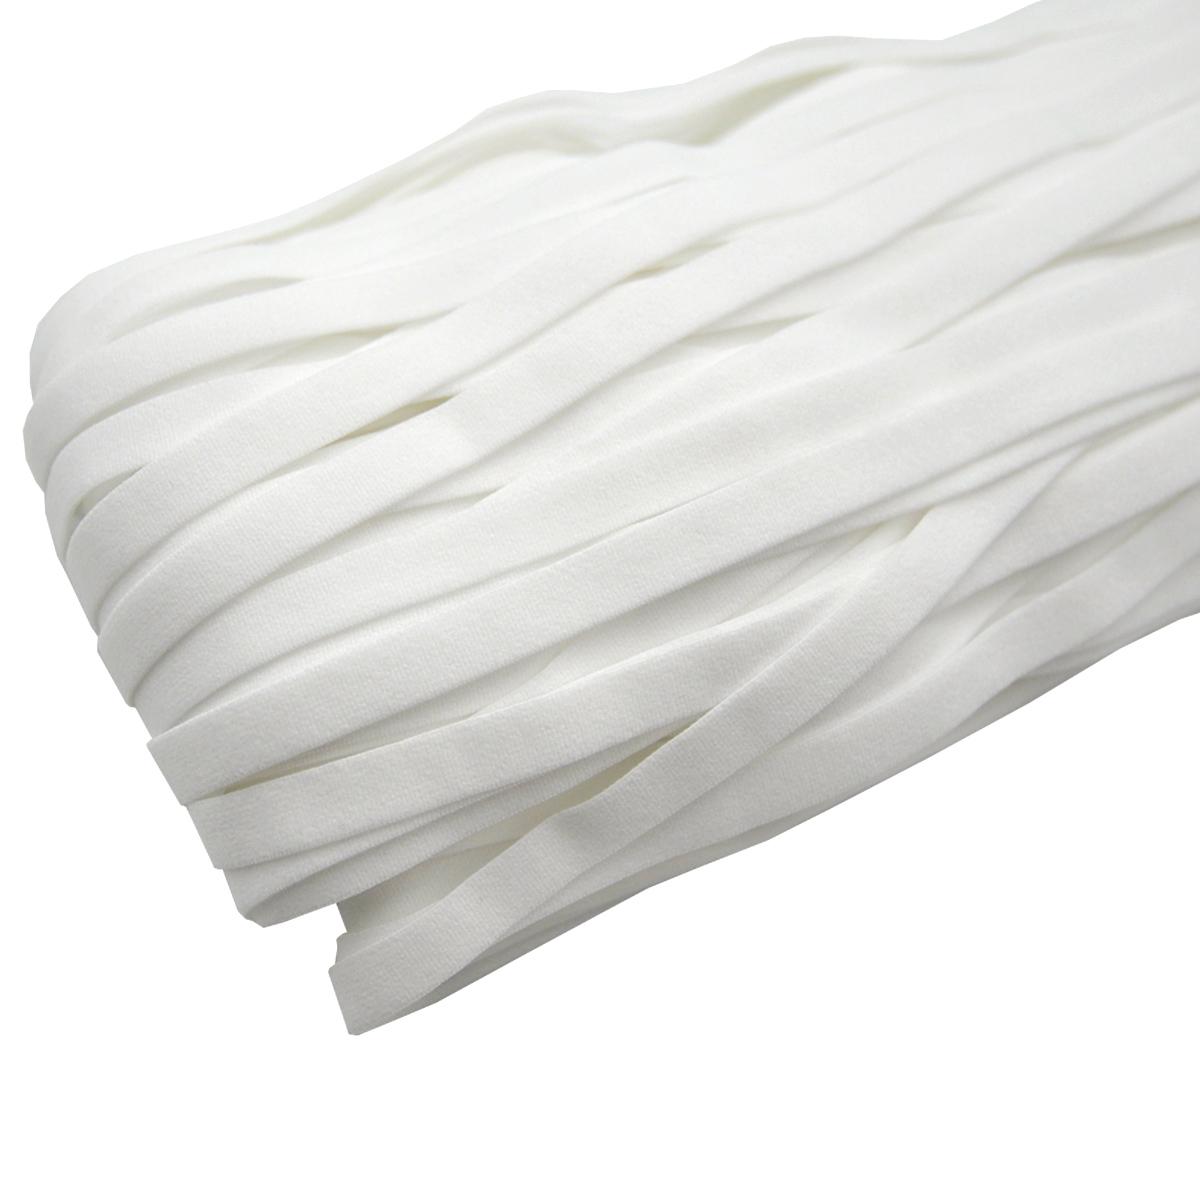 ST/01 эластичная бретелечная лента 8мм*50м, белый